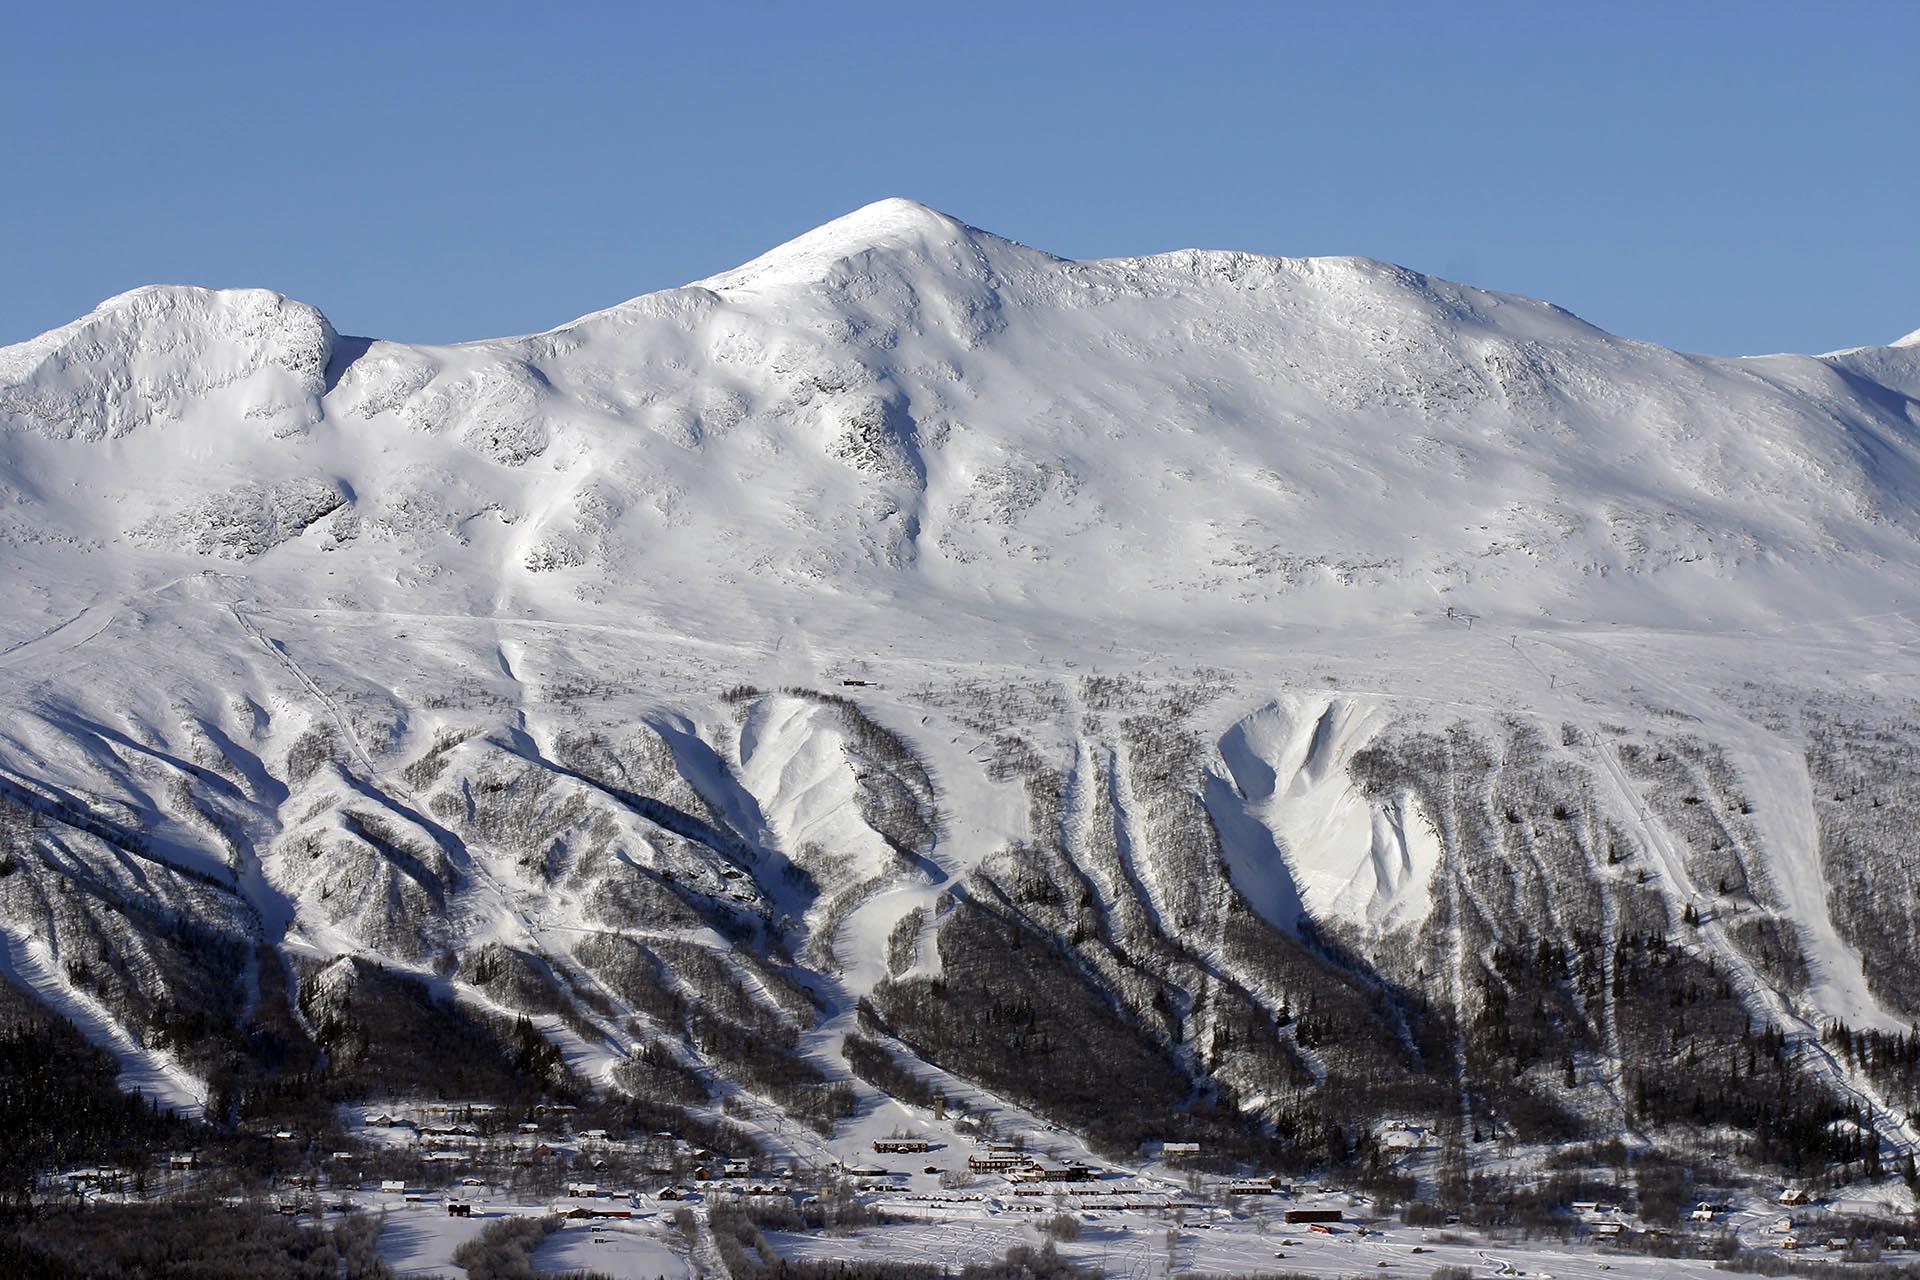 Berg med snö i Kittelfjäll, Västerbotten